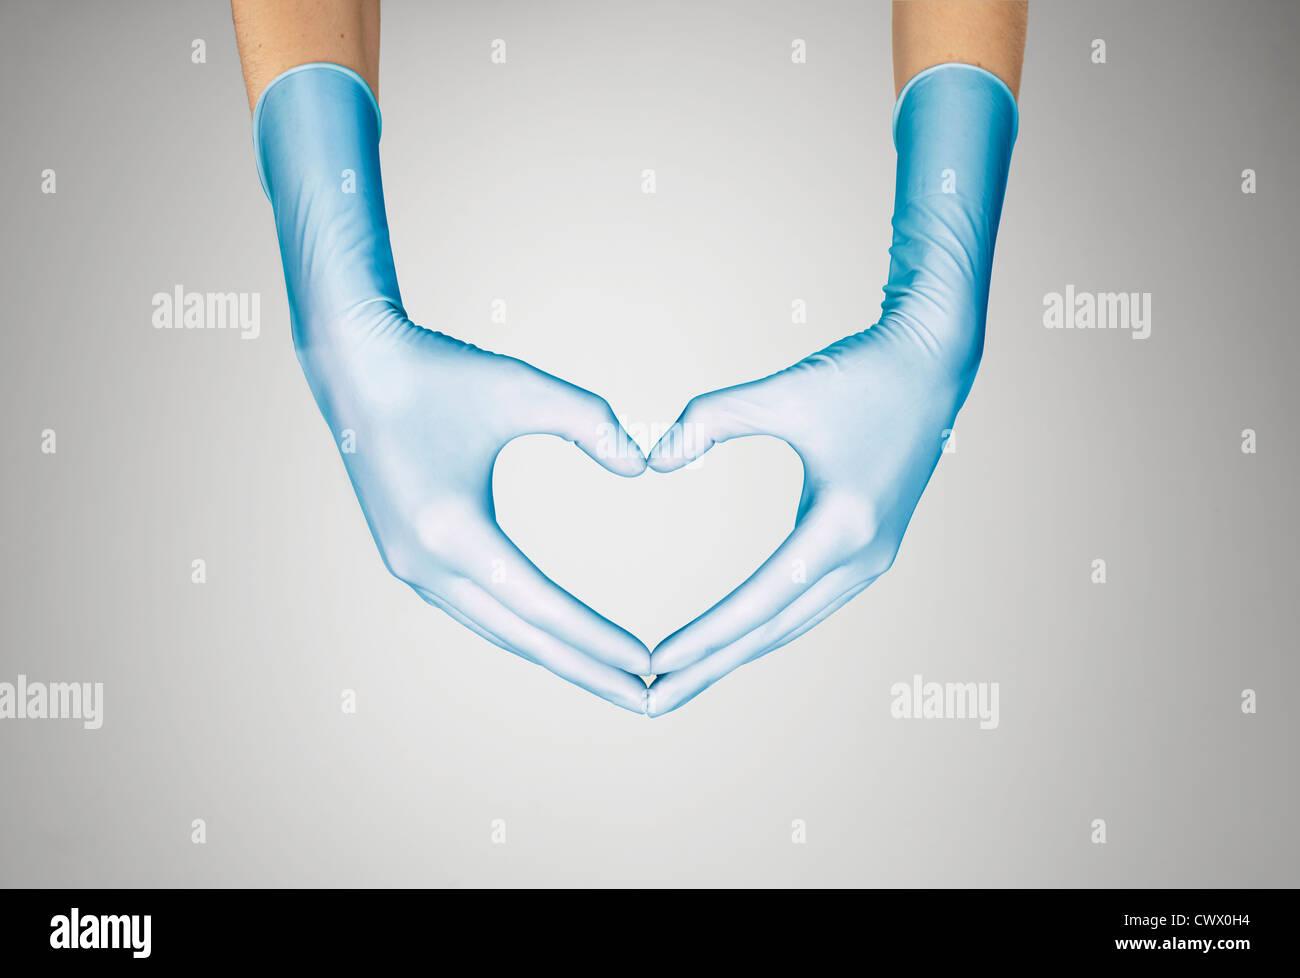 Mani guantate messa a forma di cuore Foto Stock